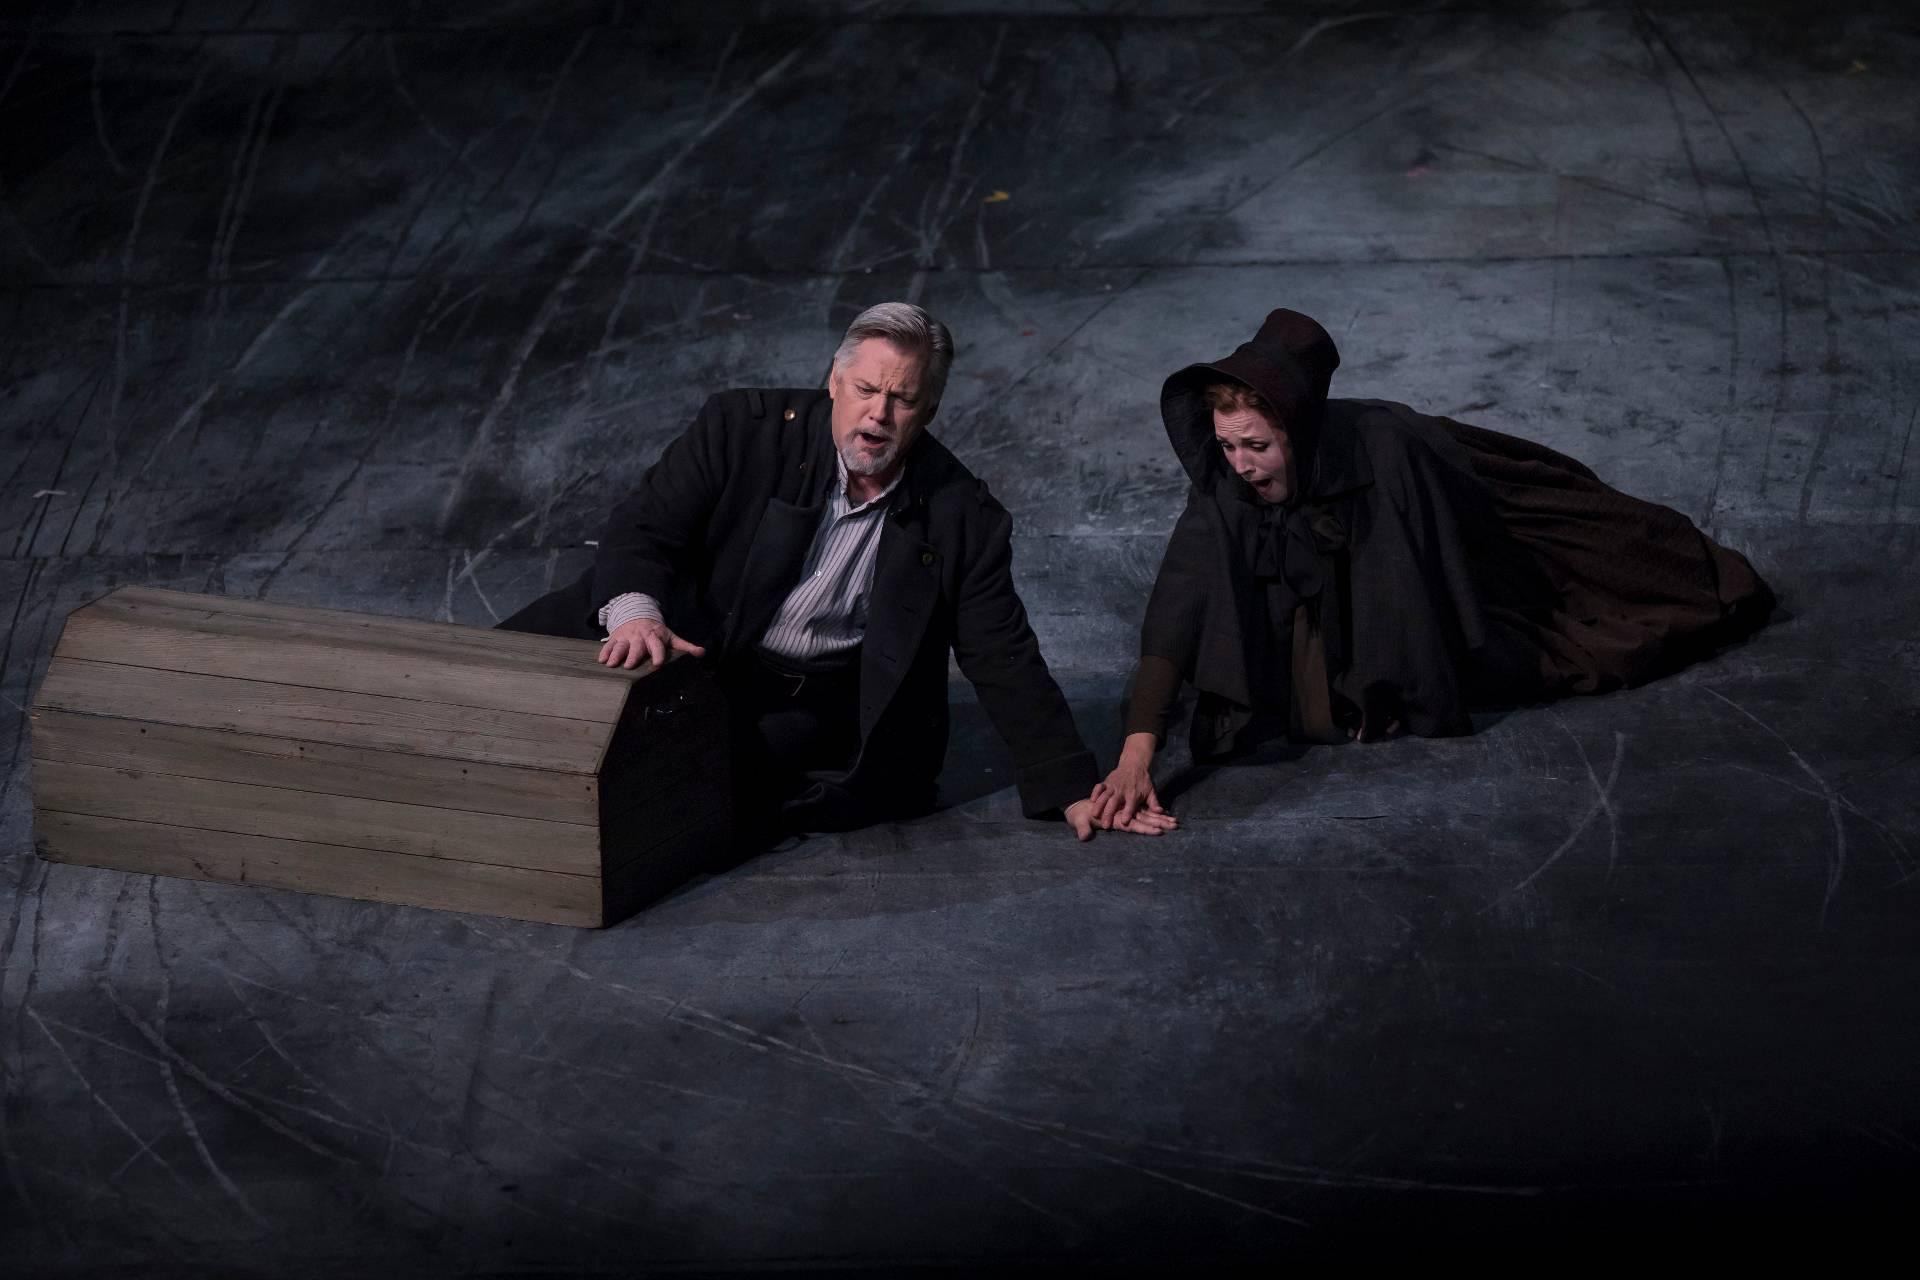 Peter Grimes de Benjamin Britten Primer acto. Fotografías: Miguel Lorenzo / Mikel Ponce